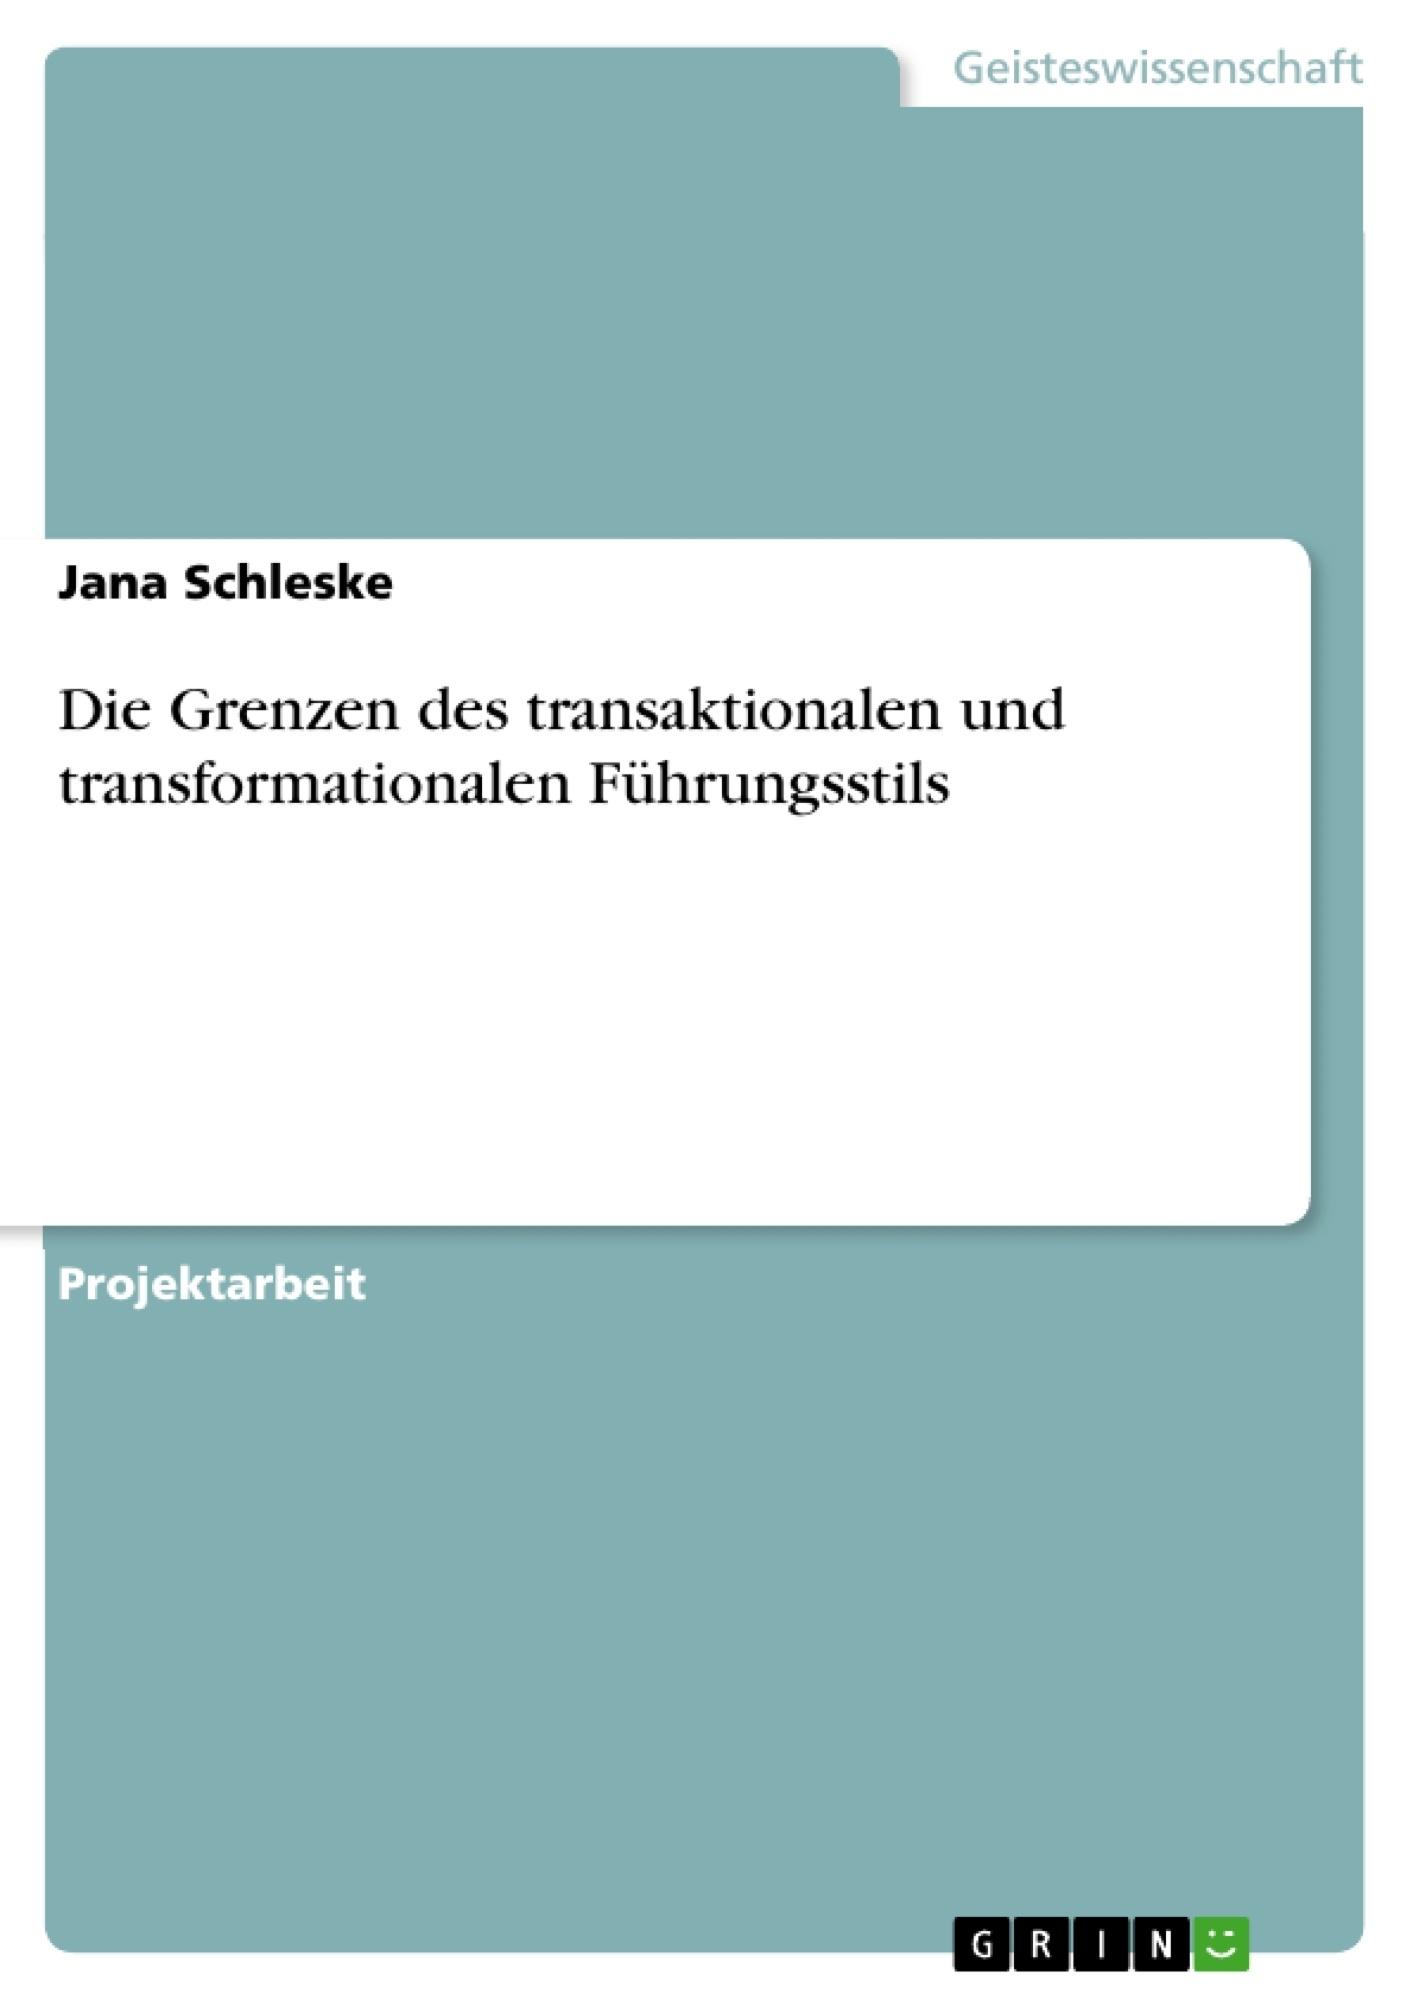 Titel: Die Grenzen des transaktionalen und transformationalen Führungsstils